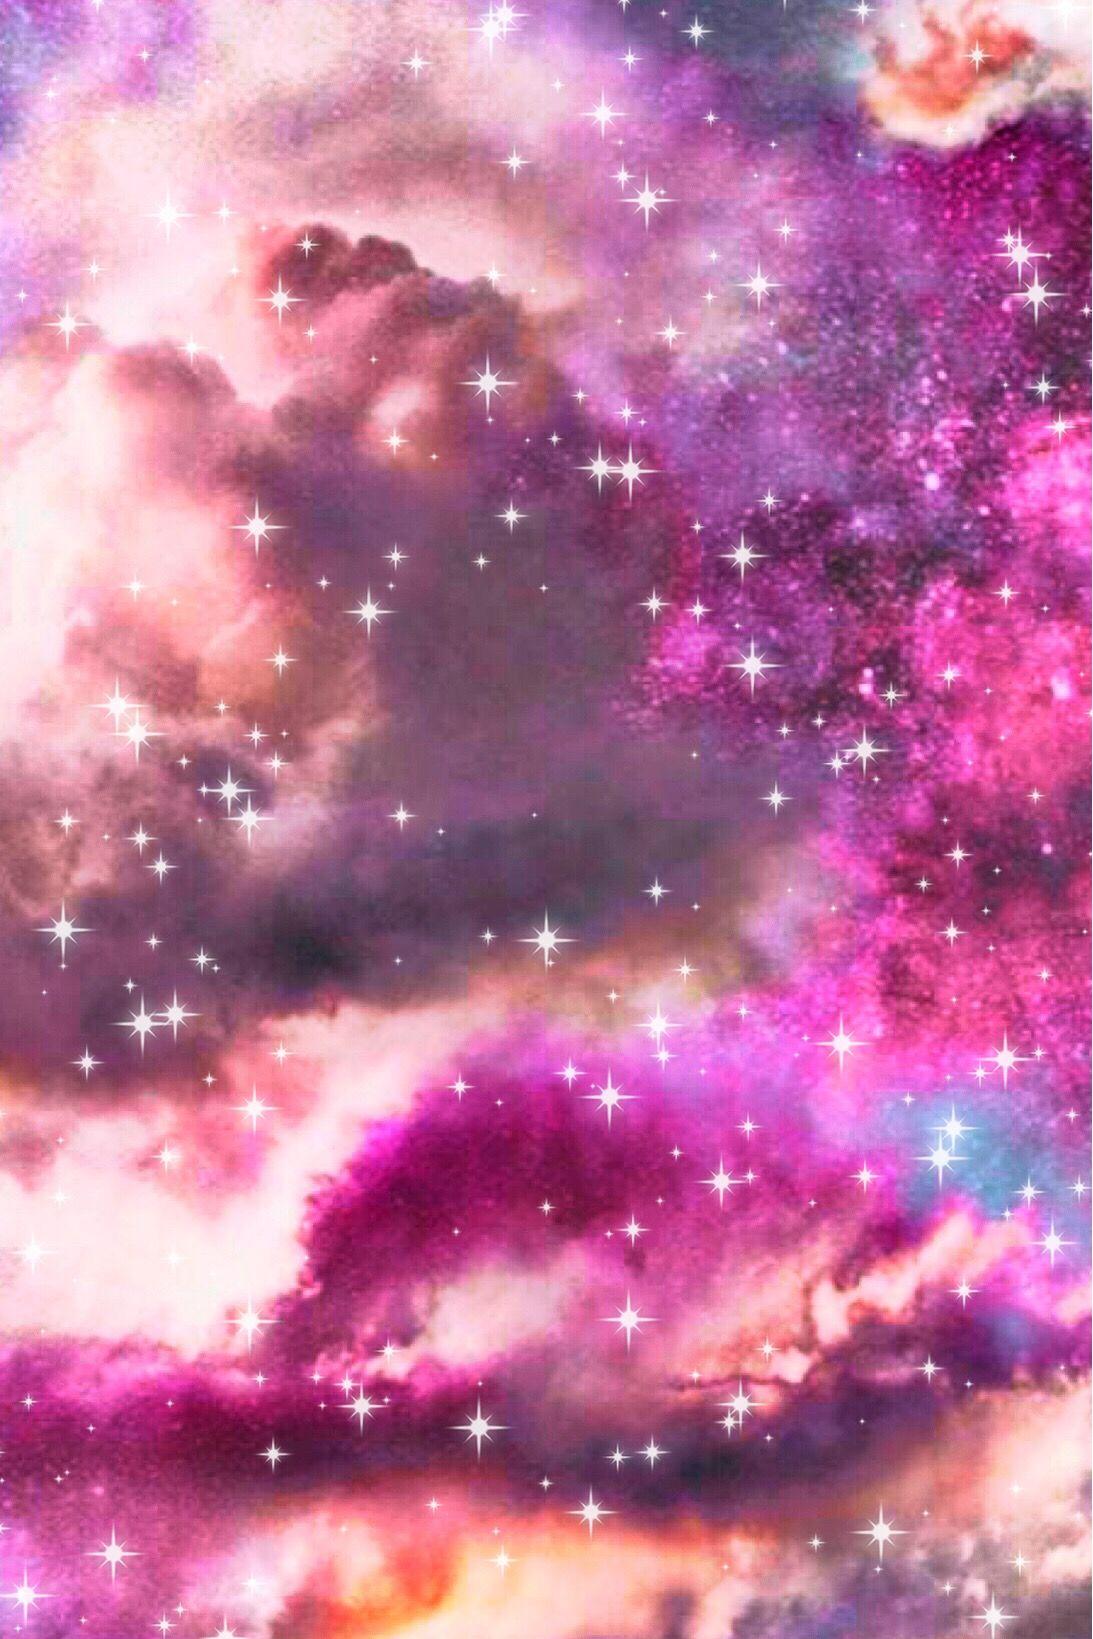 Sunset Sky Galaxy Wallpaper Androidwallpaper Iphonewallpaper Glitter Sparkle Galaxy Sky Stars Pink Cloud Star Wallpaper Galaxy Wallpaper Sky Aesthetic